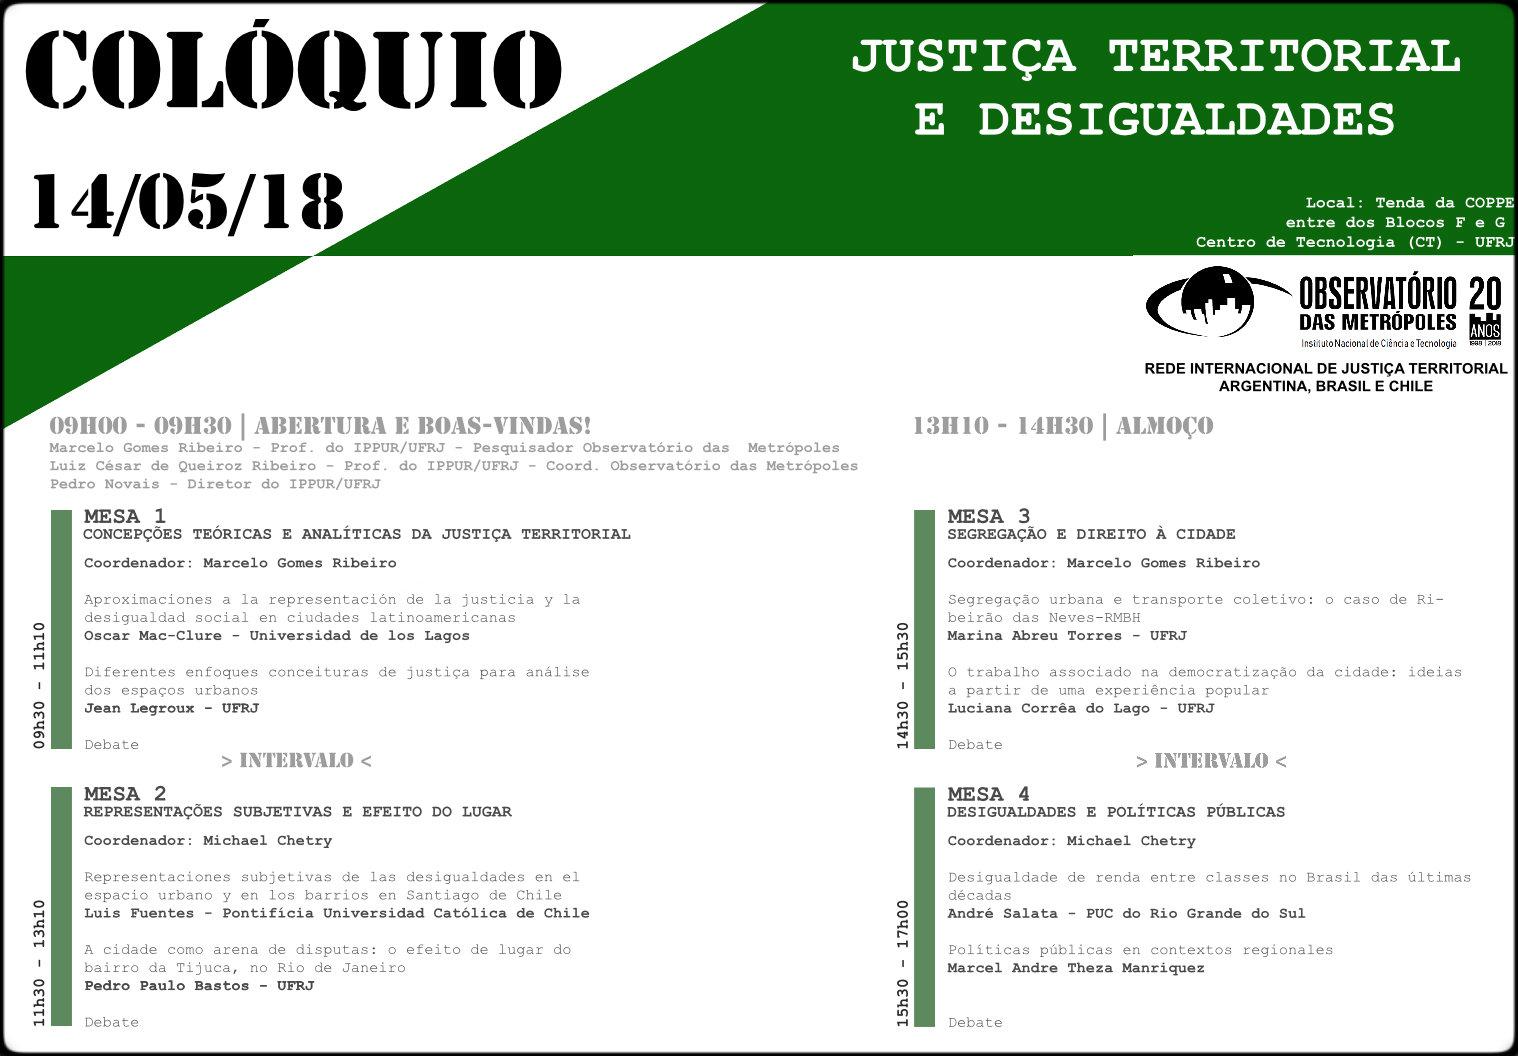 Colóquio Justiça Territorial e Desigualdades